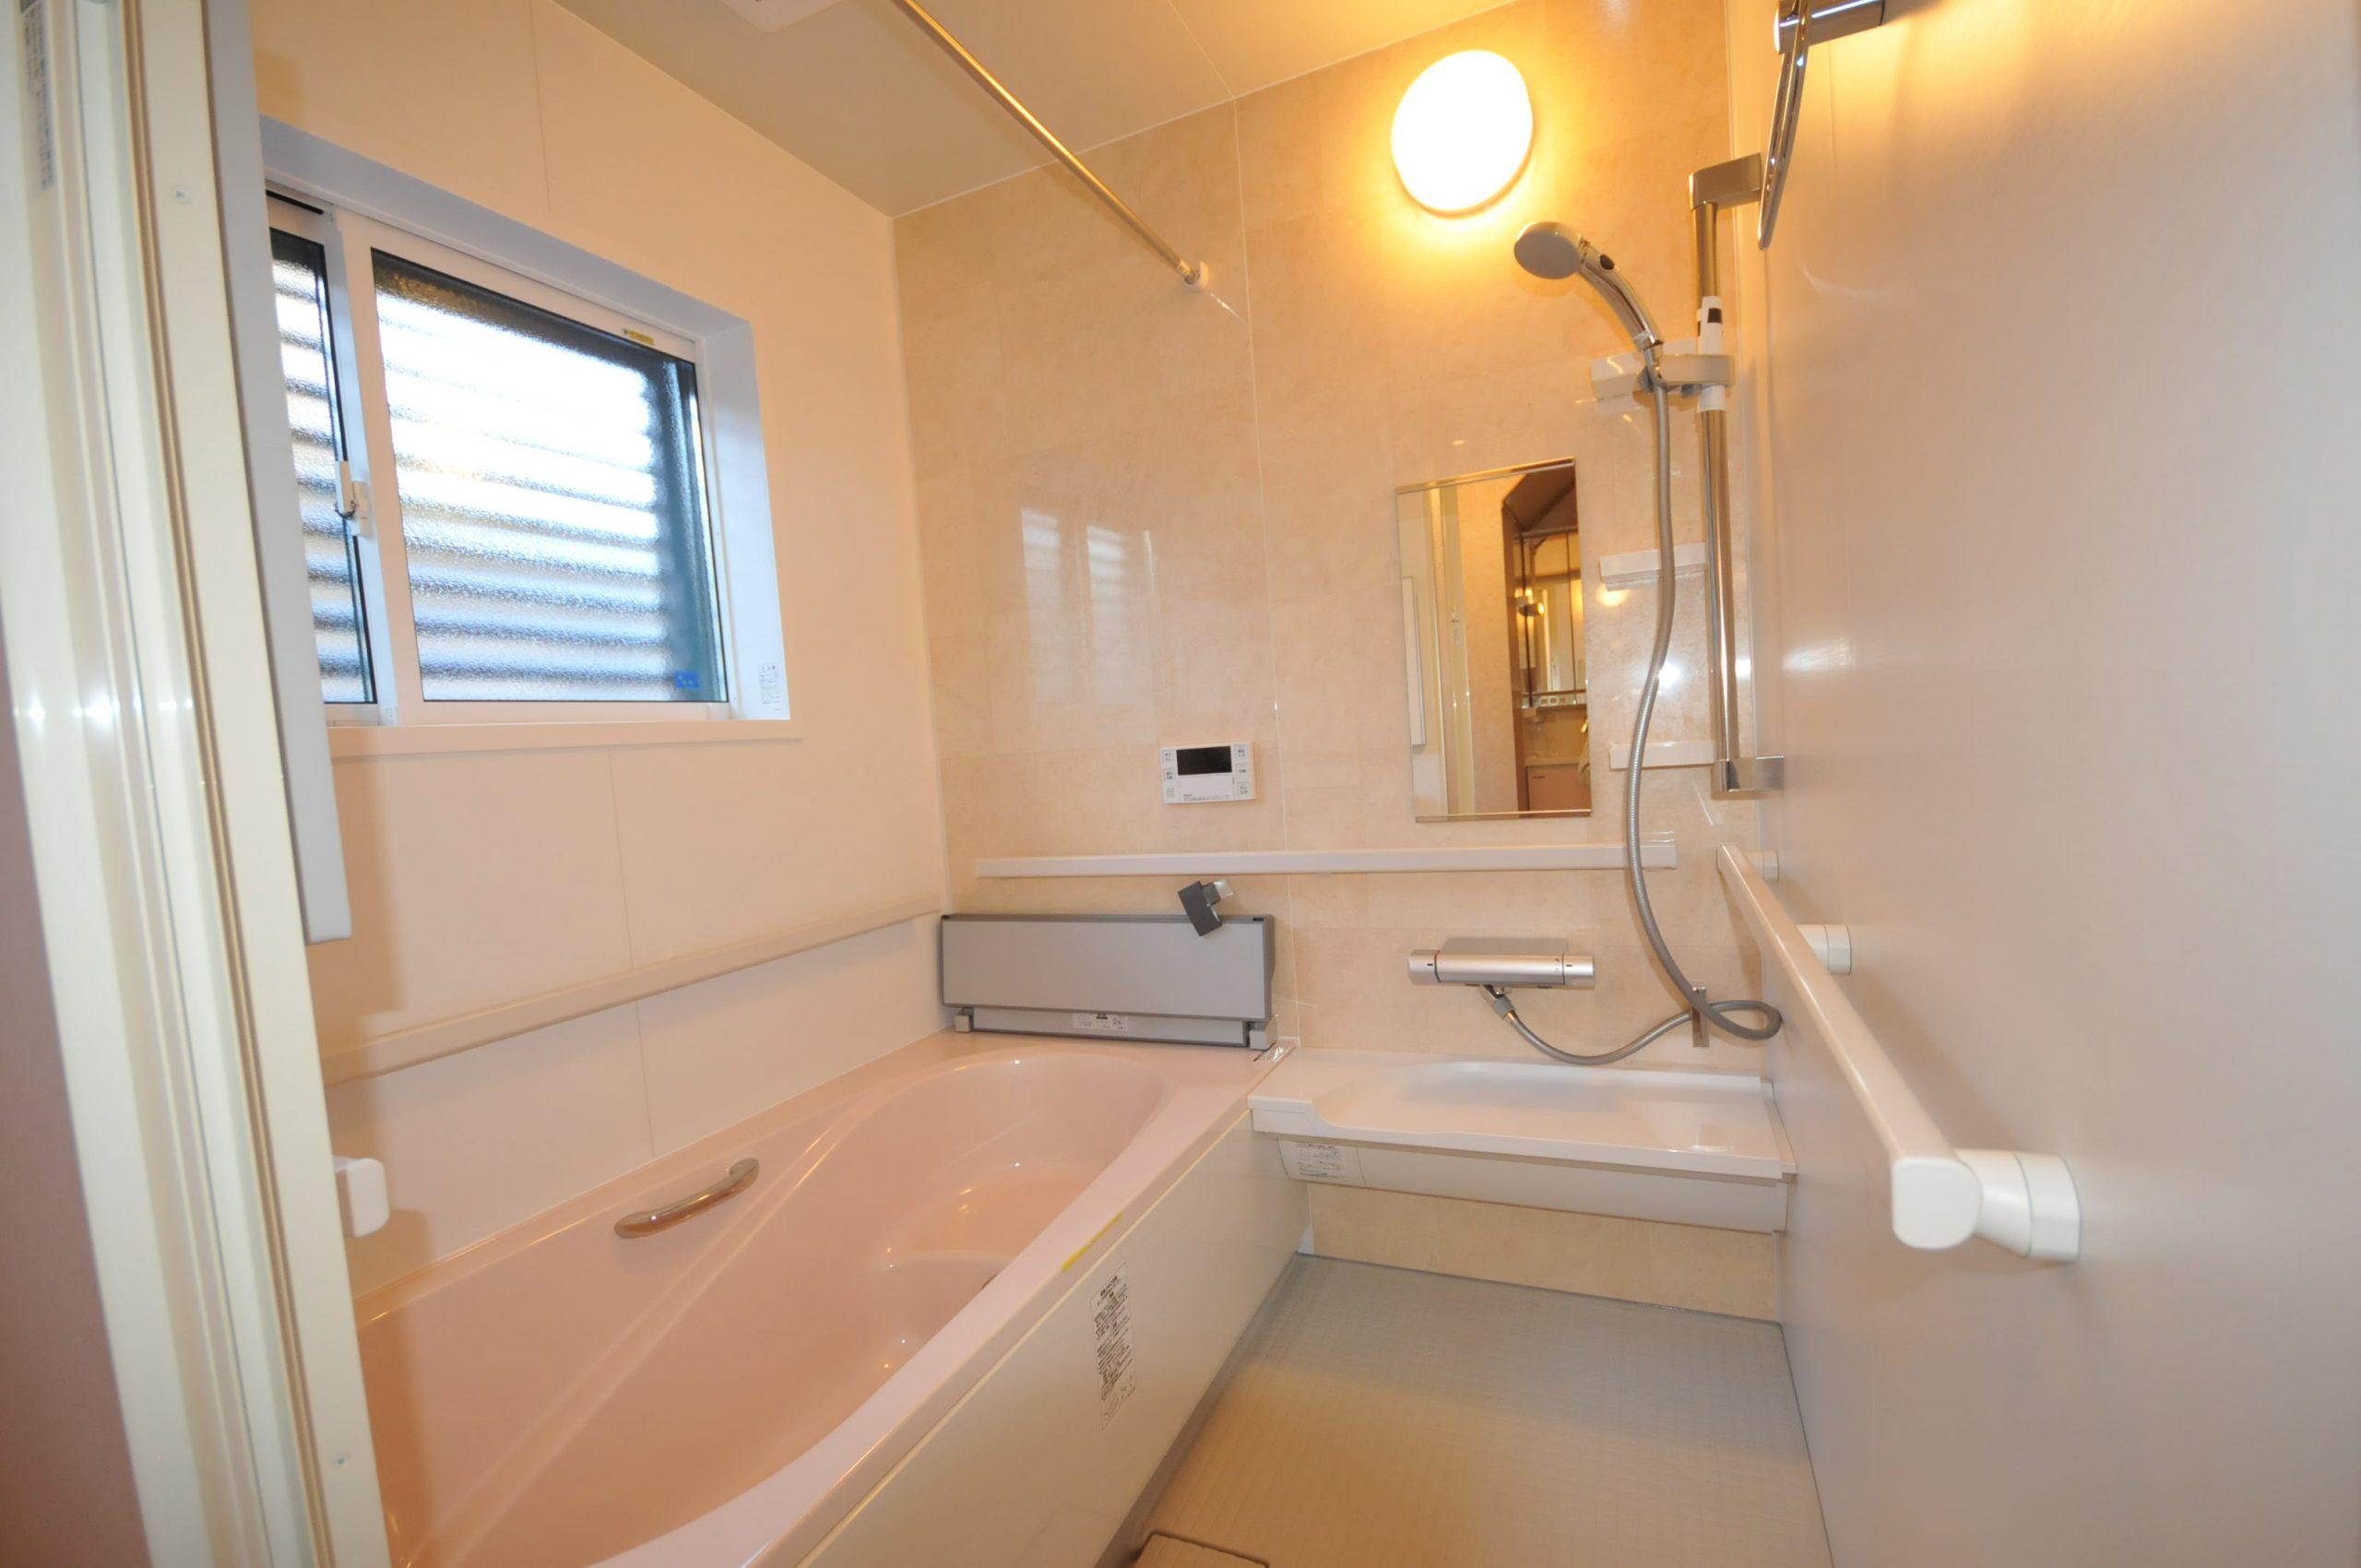 【浴室】0.5帖増築し1坪タイプのセーフティタイプのユニットバスになりました。